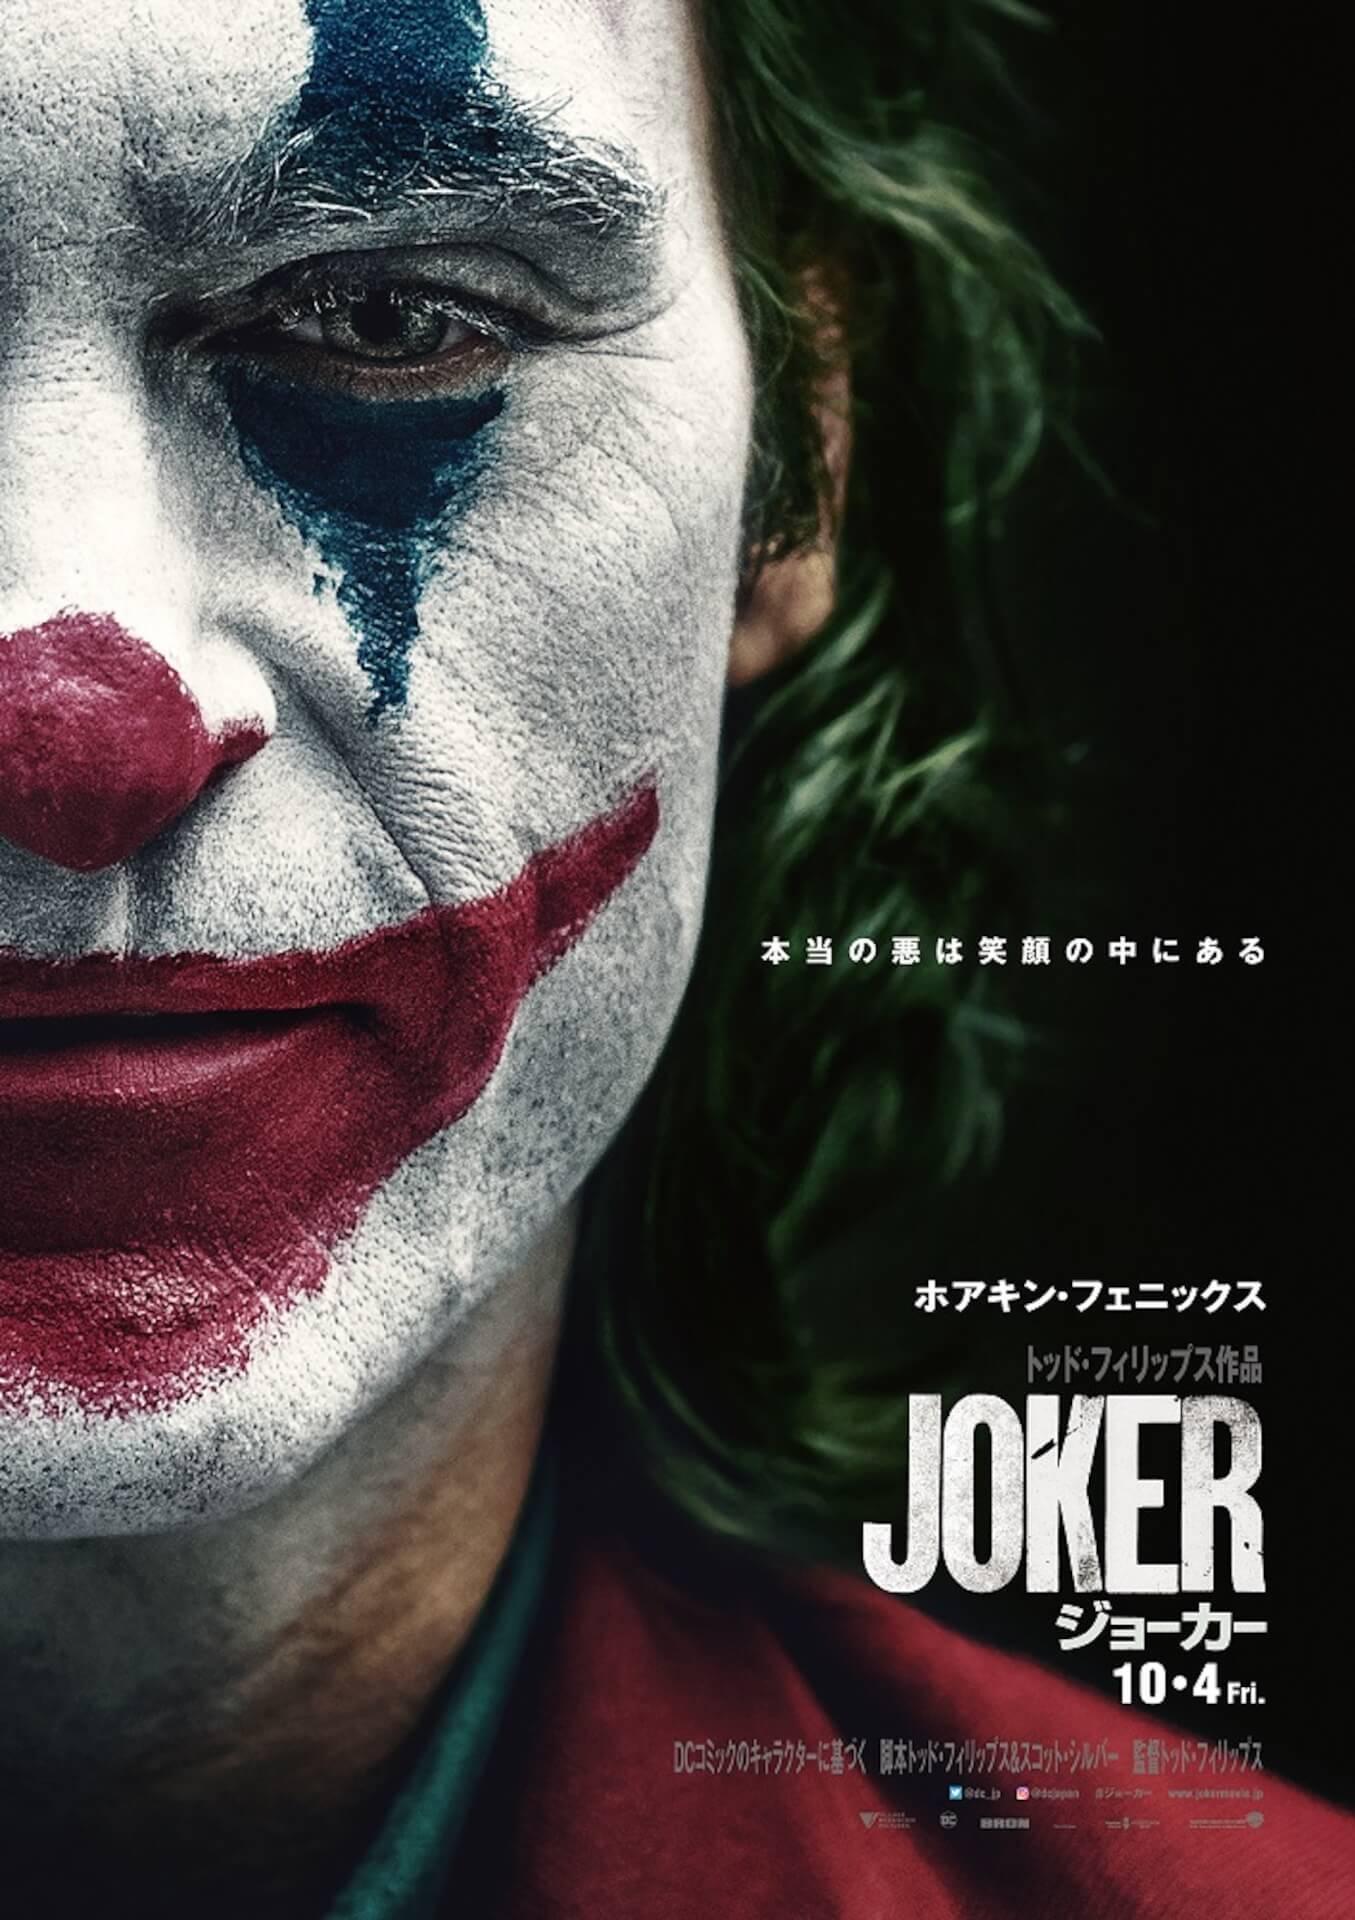 映画『ジョーカー』の記録的大ヒットは日本でも!新川優愛、豊川悦司、滝藤賢一らの絶賛コメントが到着 film191007_joker_4